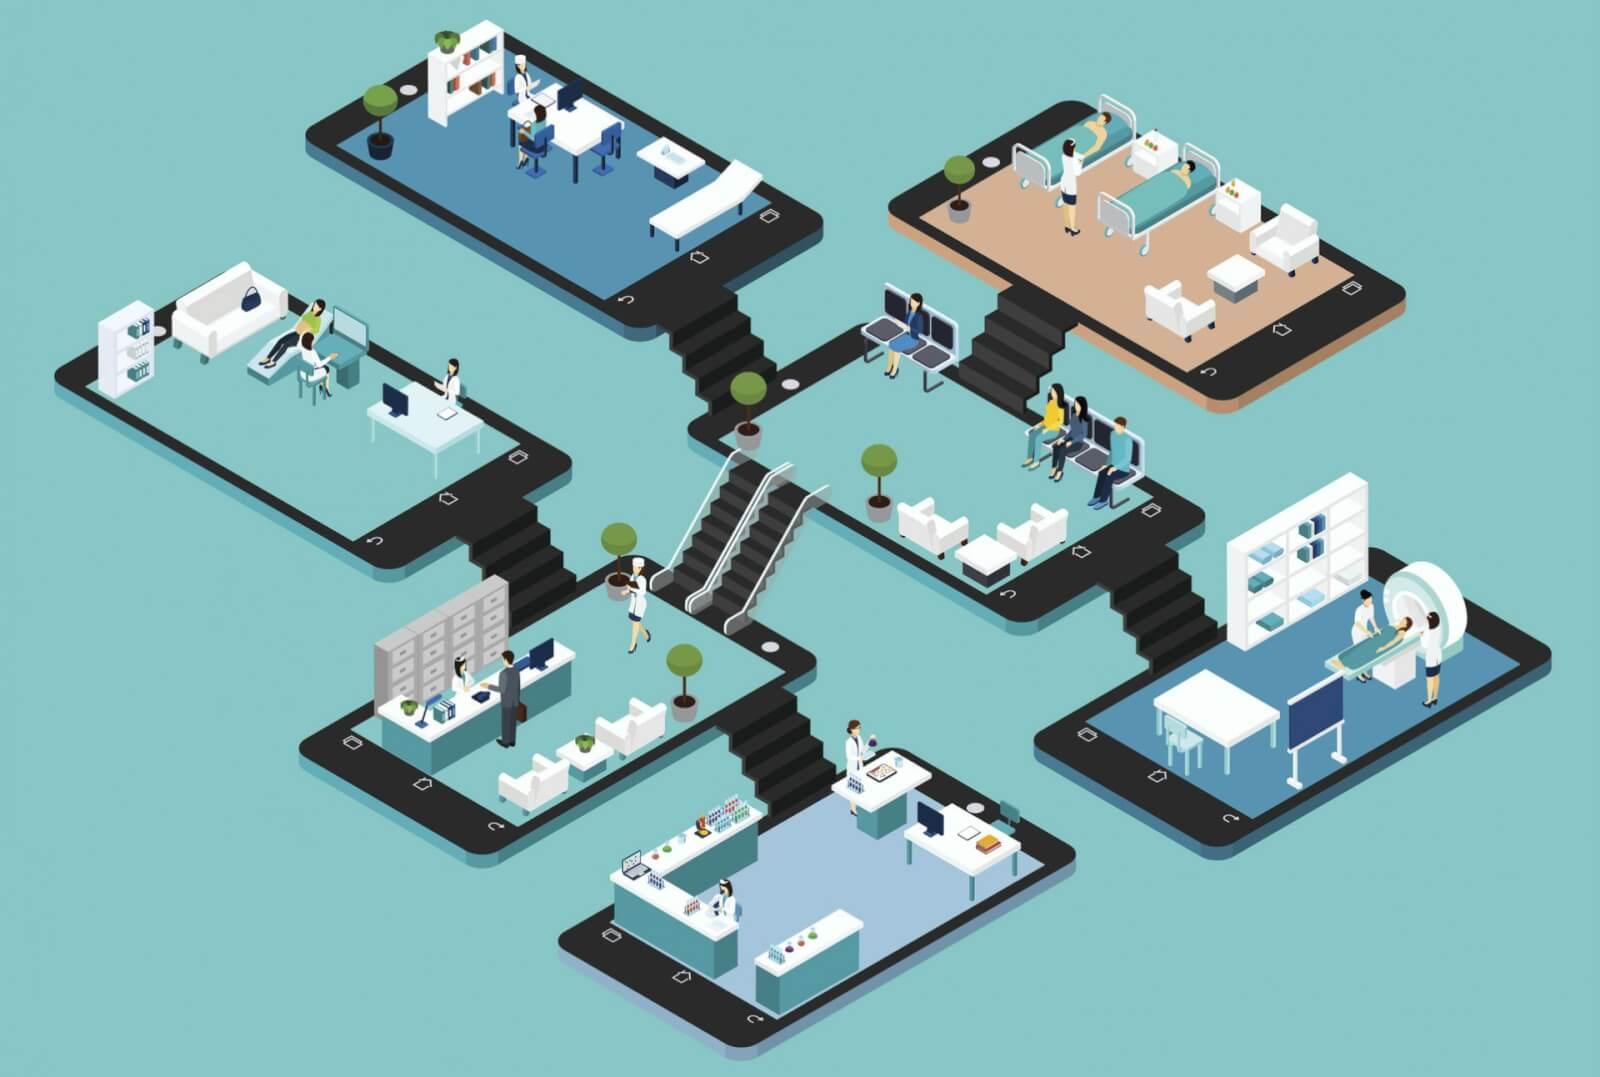 MedTech app developer